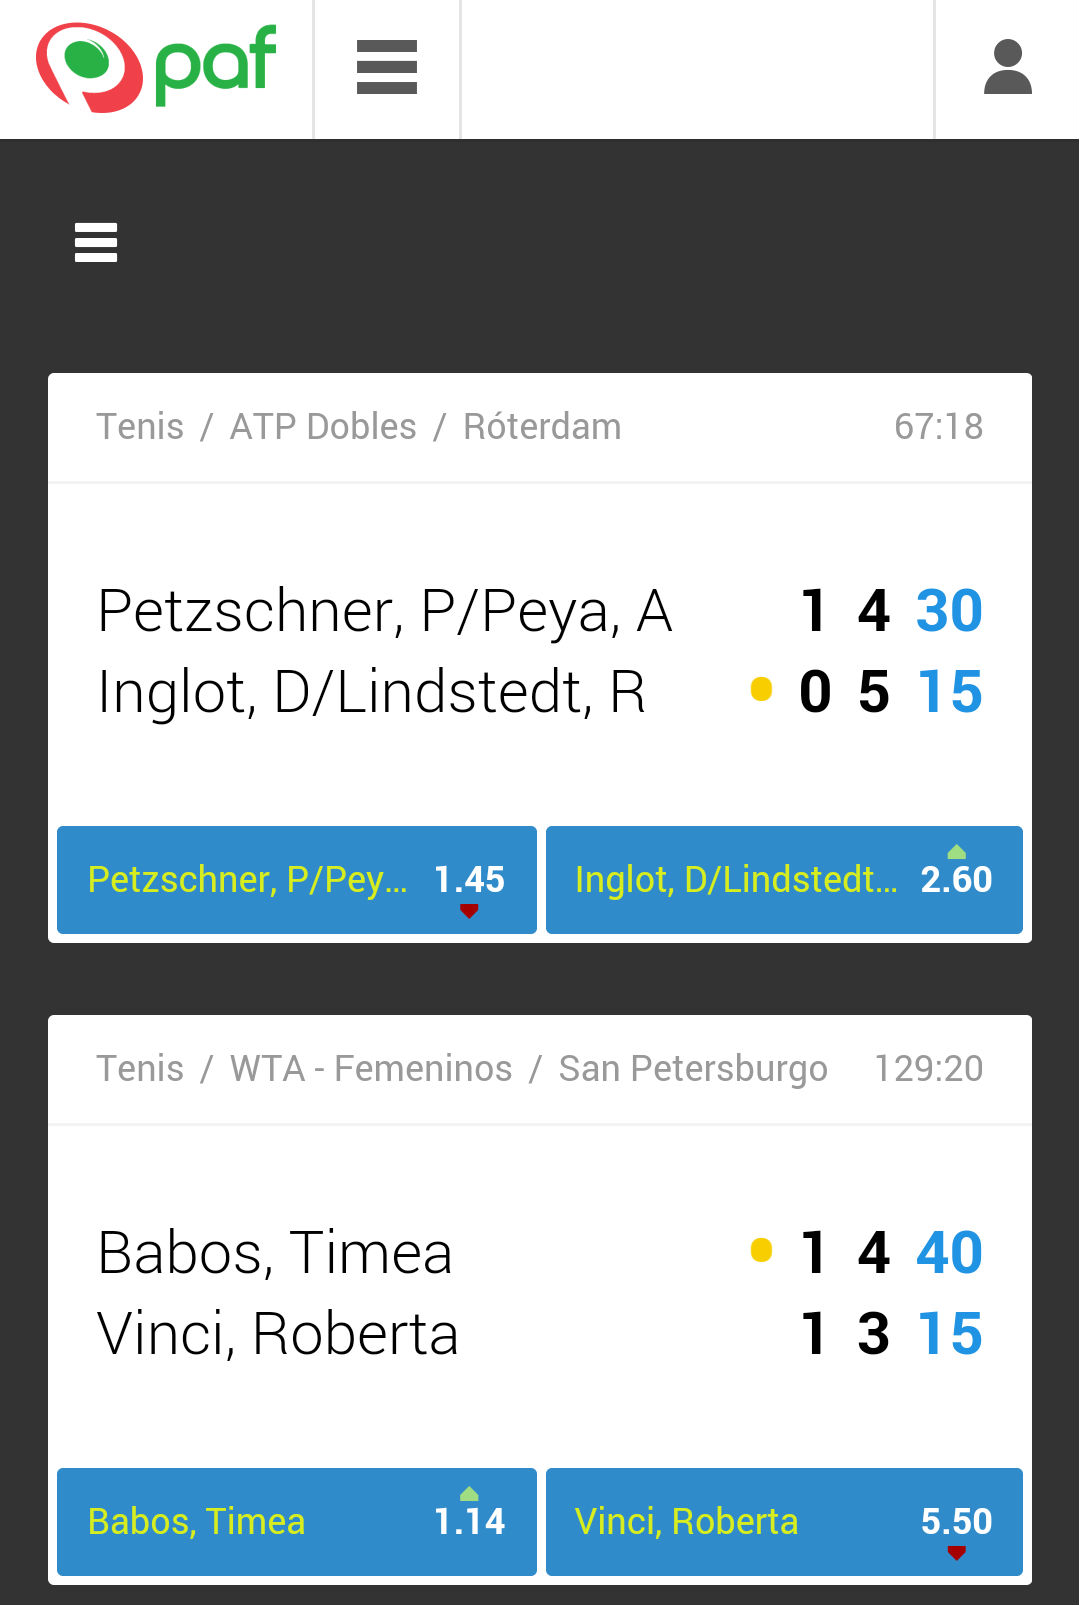 paf app live